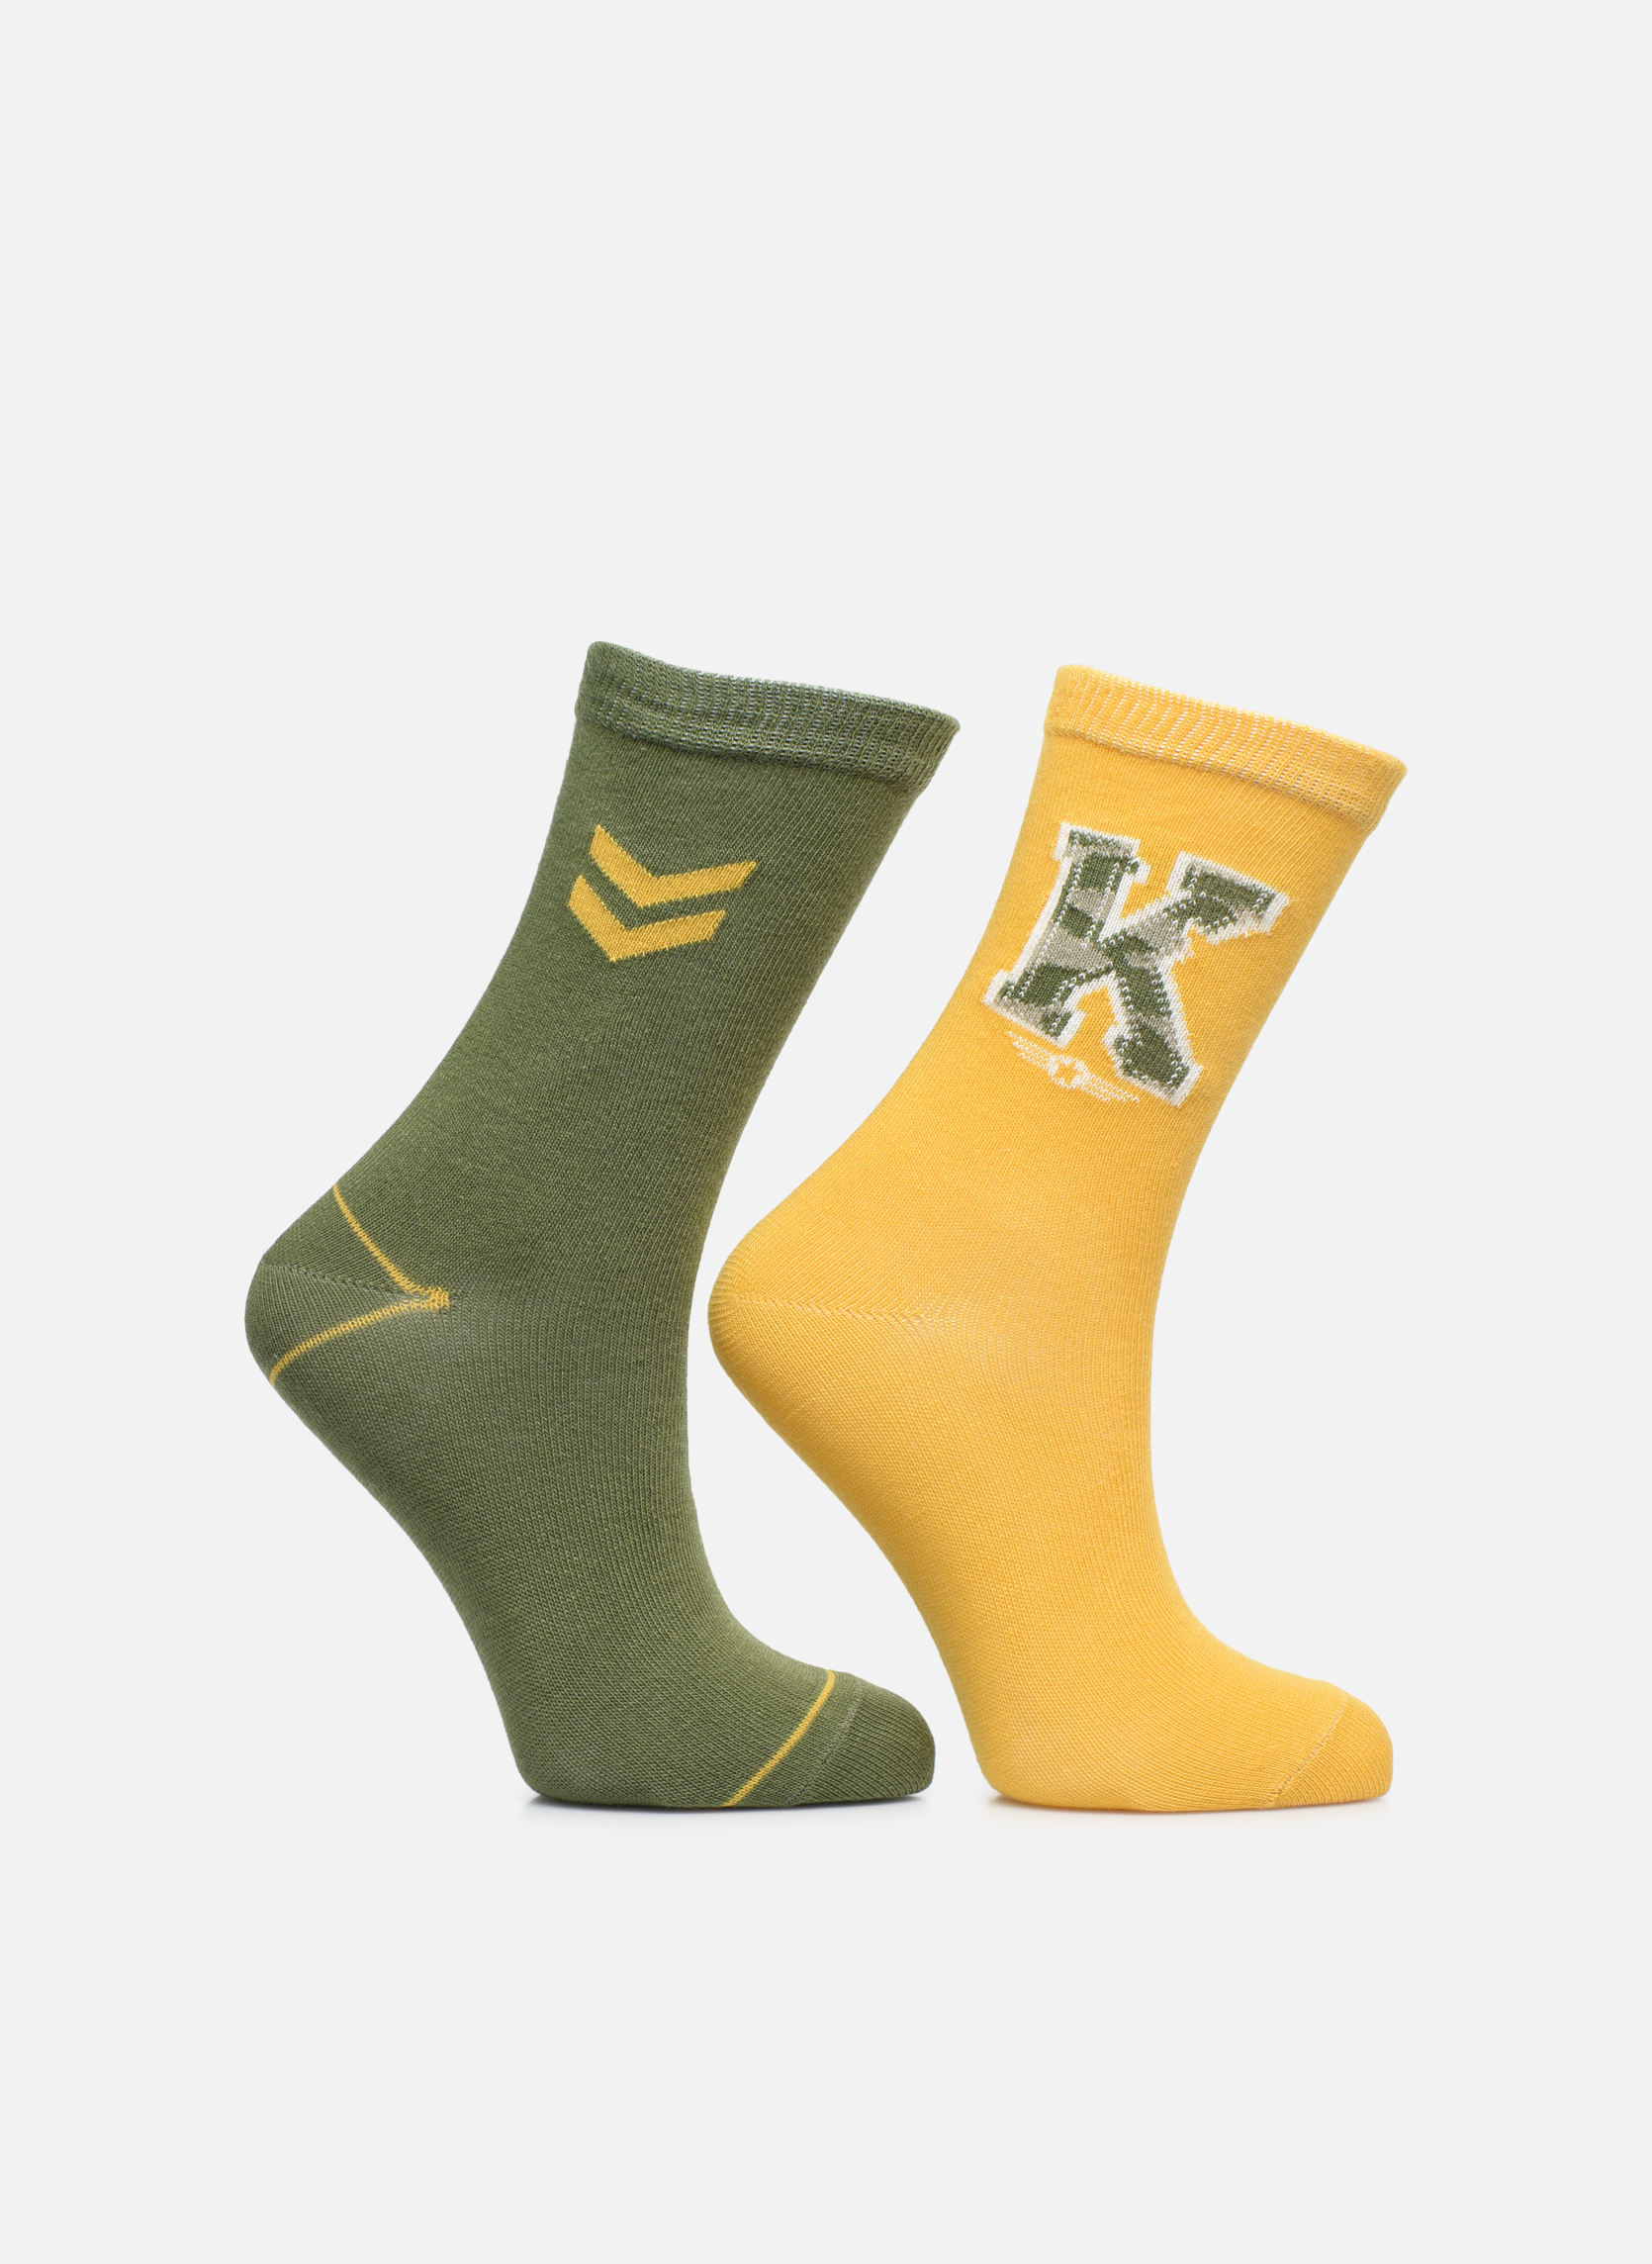 Socks Chevrons Pack of 2